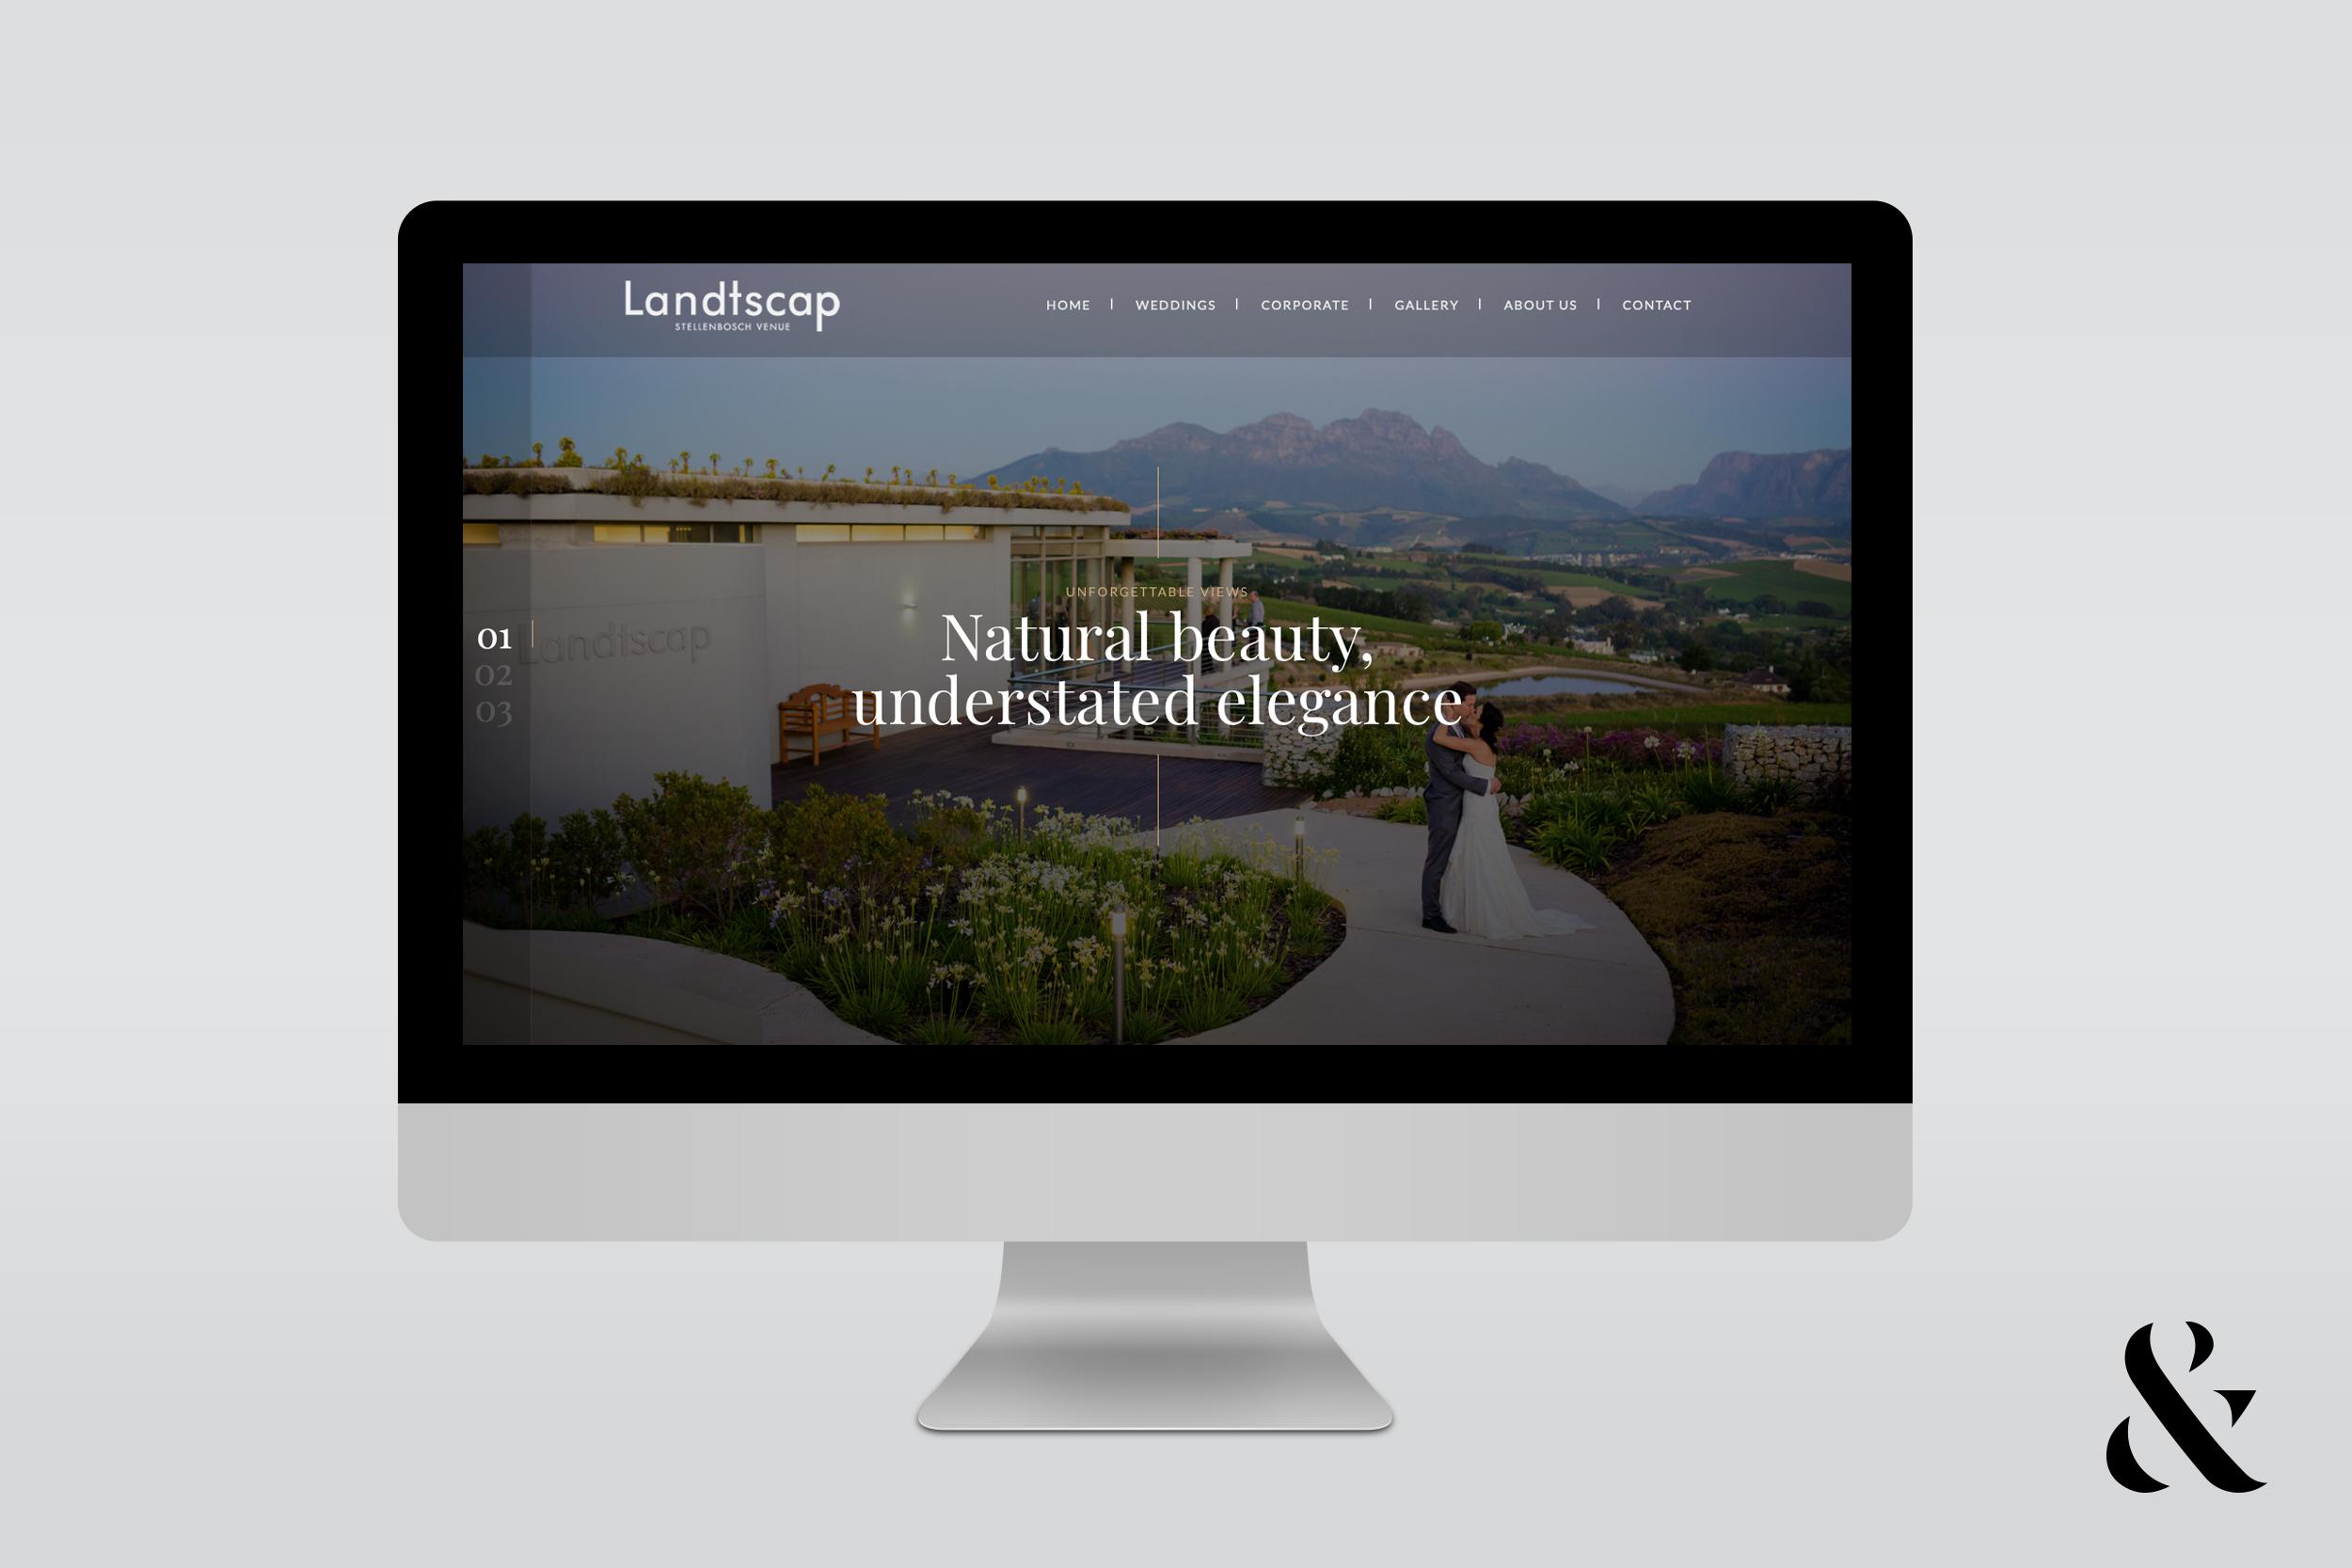 Landtscap Website